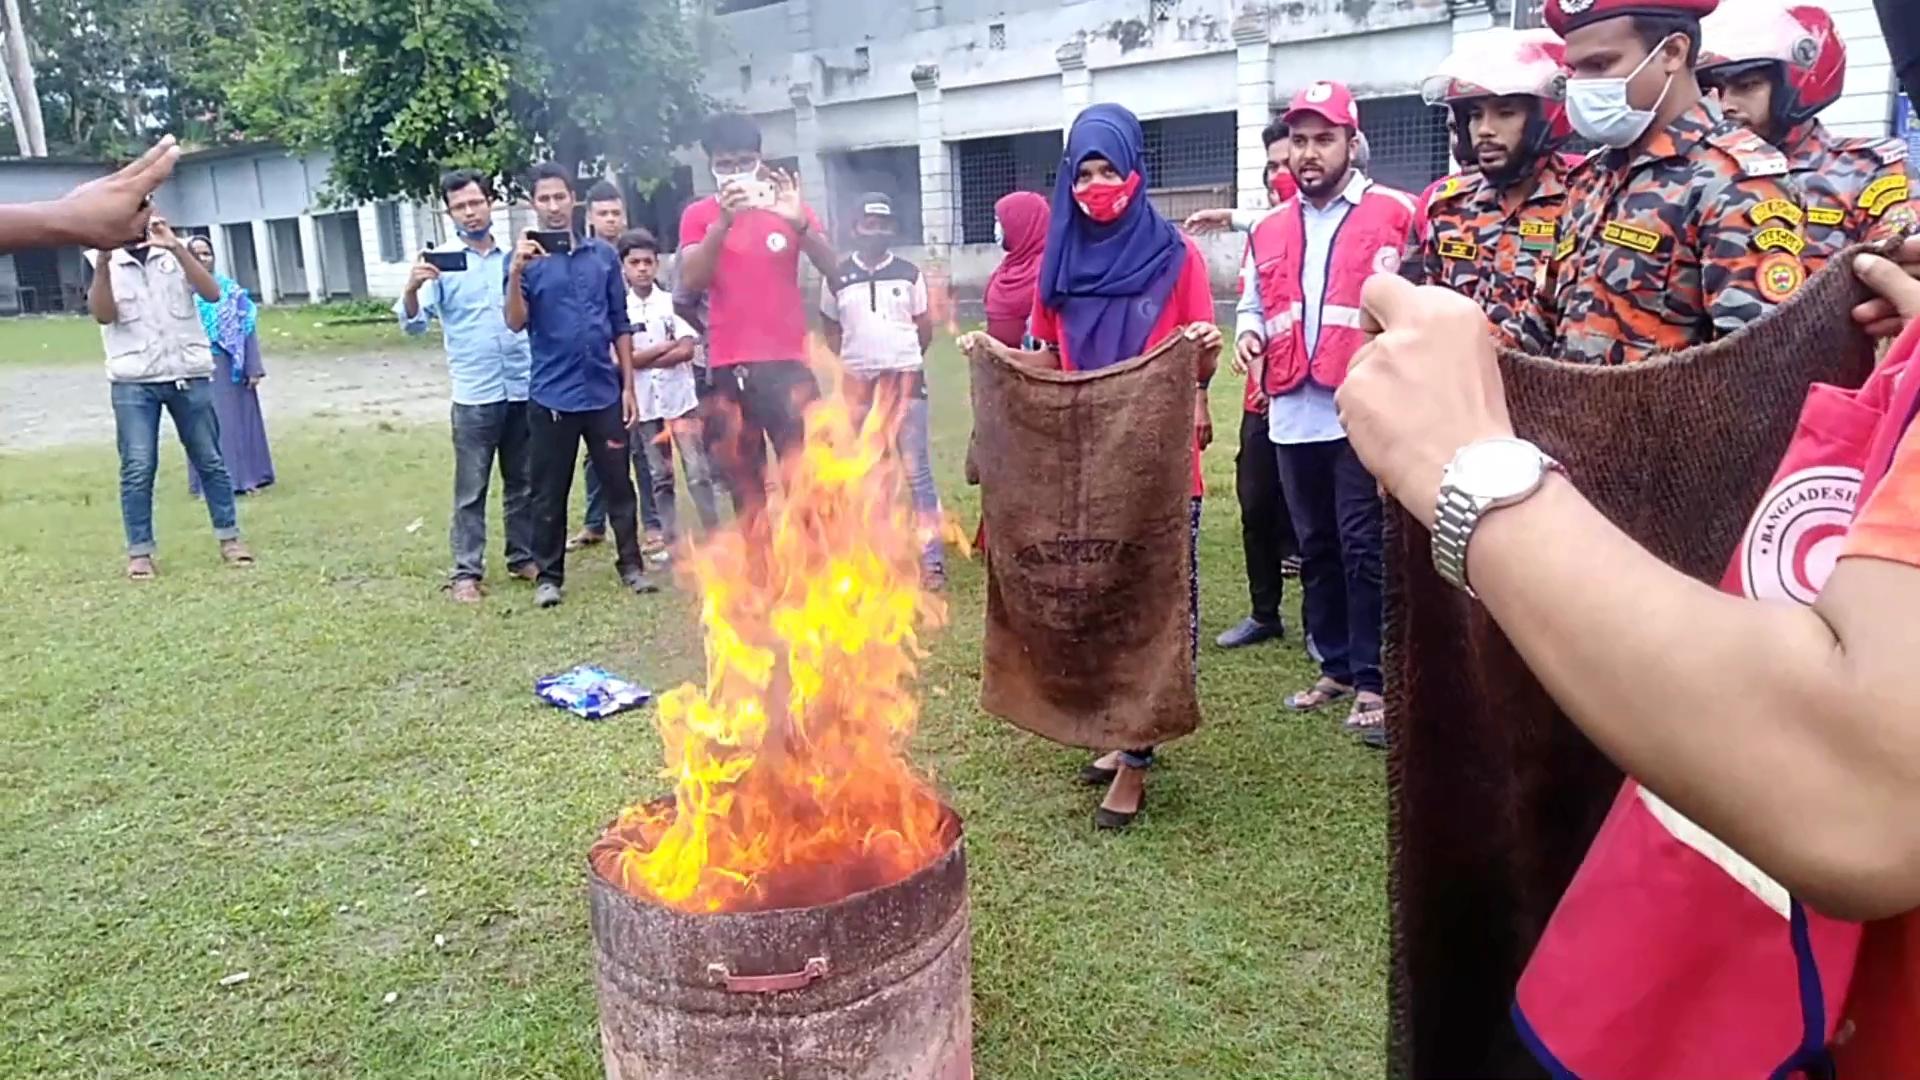 পিরোজপুরে আন্তর্জাতিক দুর্যোগ প্রশমন দিবস ও মহড়া অনুষ্ঠিত